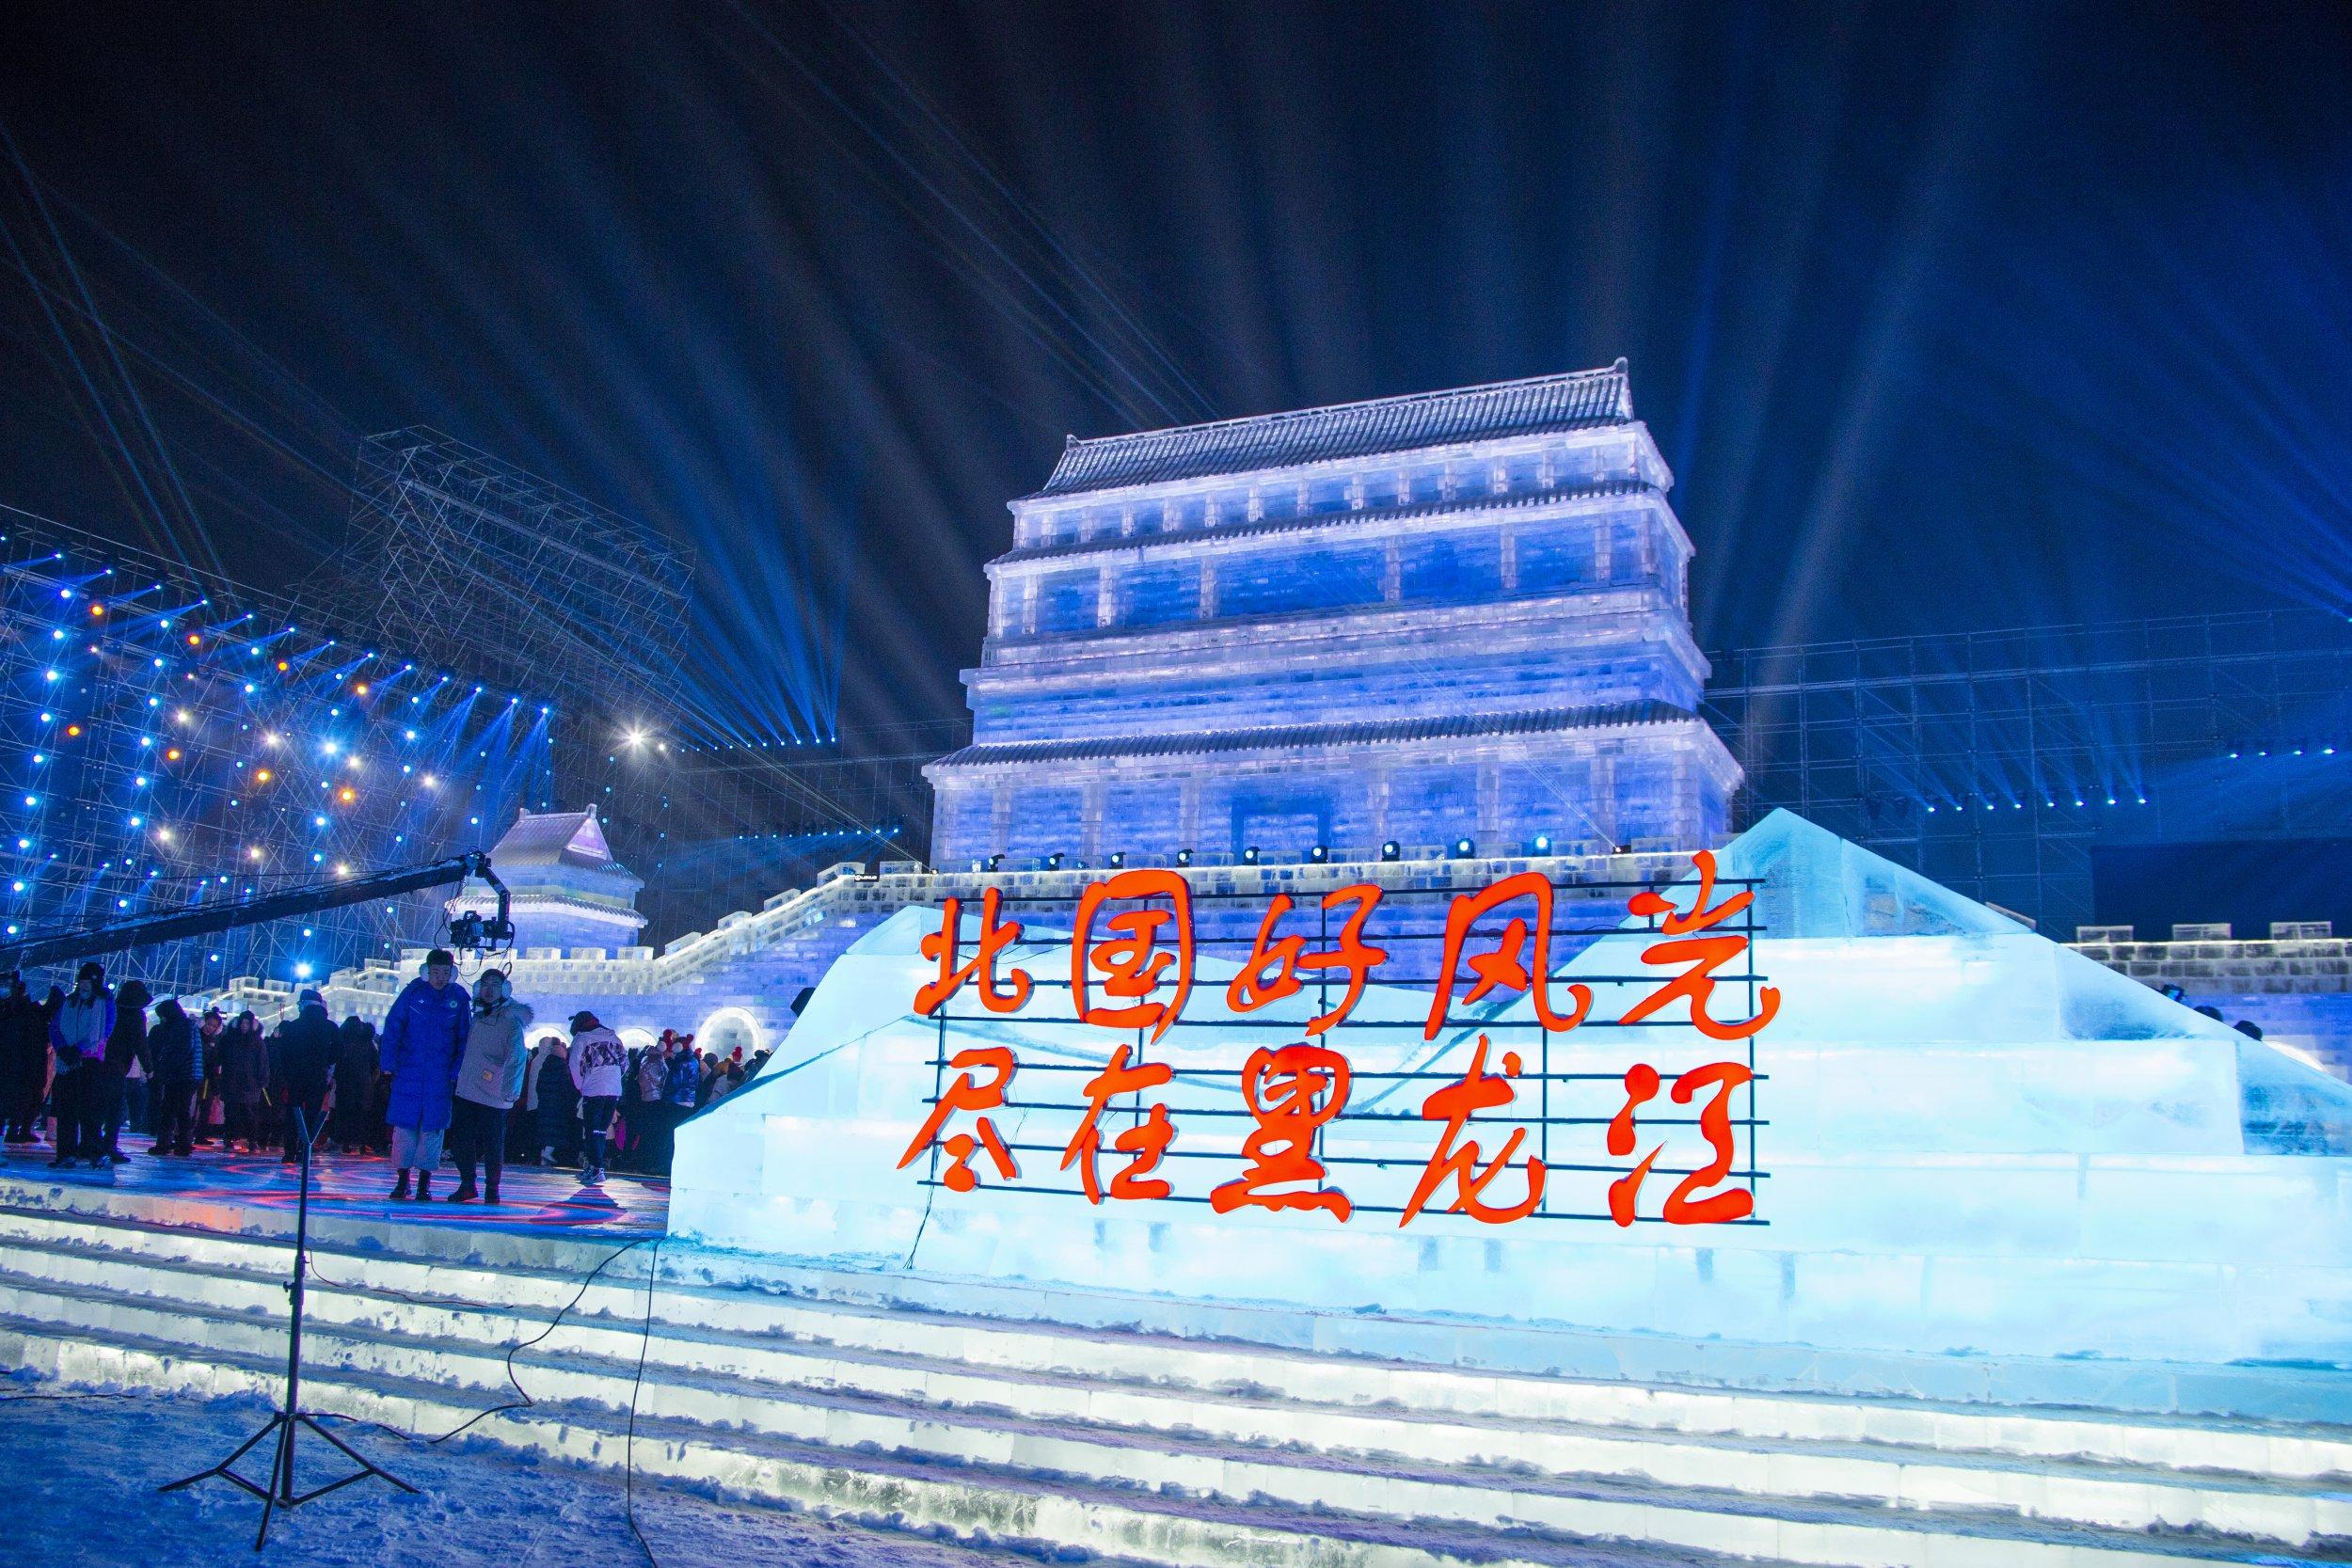 KV2 Audio护航2020环球跨年冰雪盛典